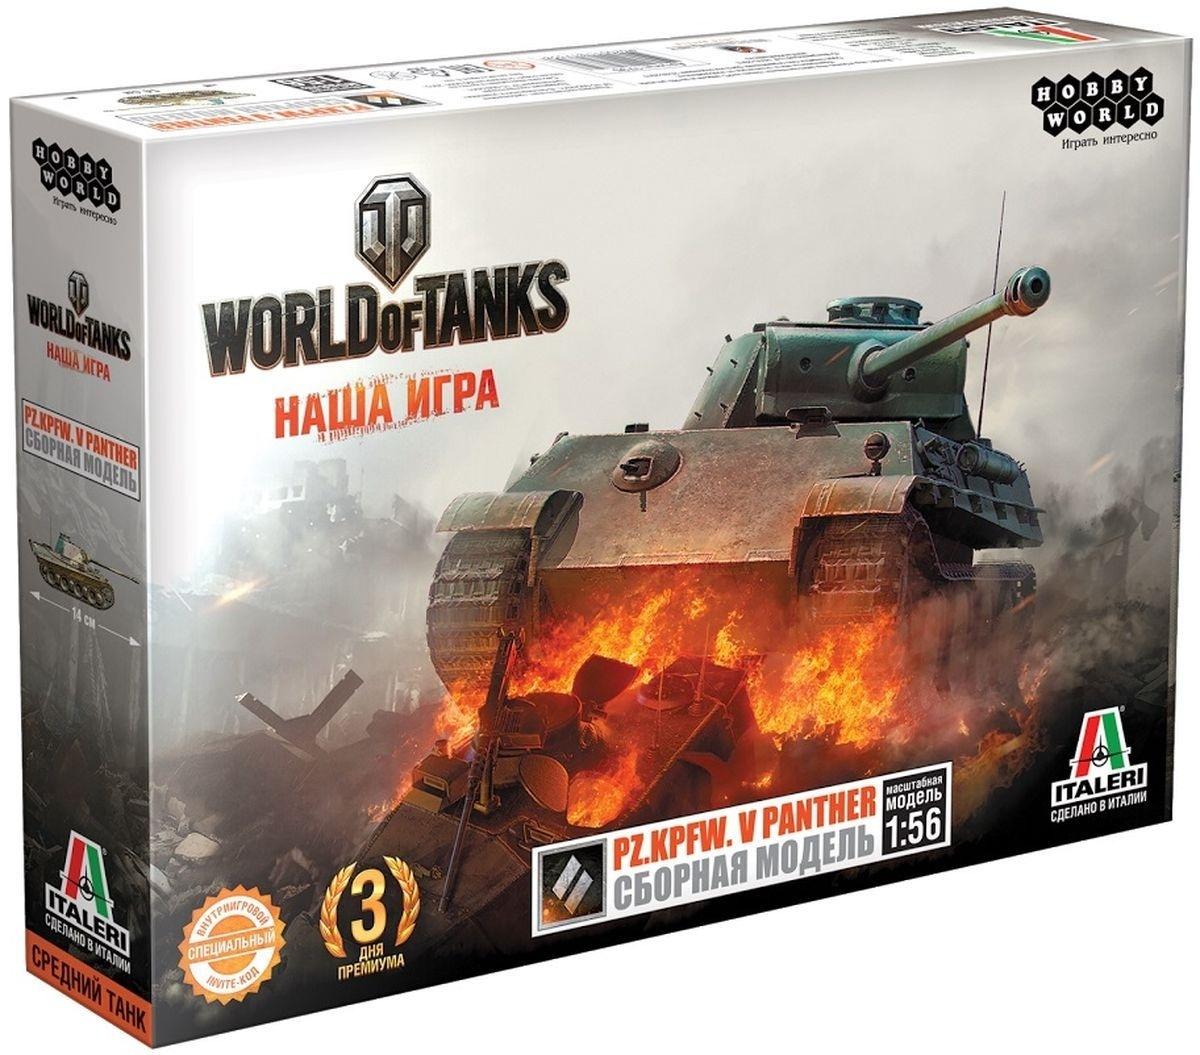 World of Tanks. Pz.Kpfw. V PANTHER. Масштабная модель 1 56 (Сборный танк) (2-е рус. изд) официальный сайт world of tanks купить премиум